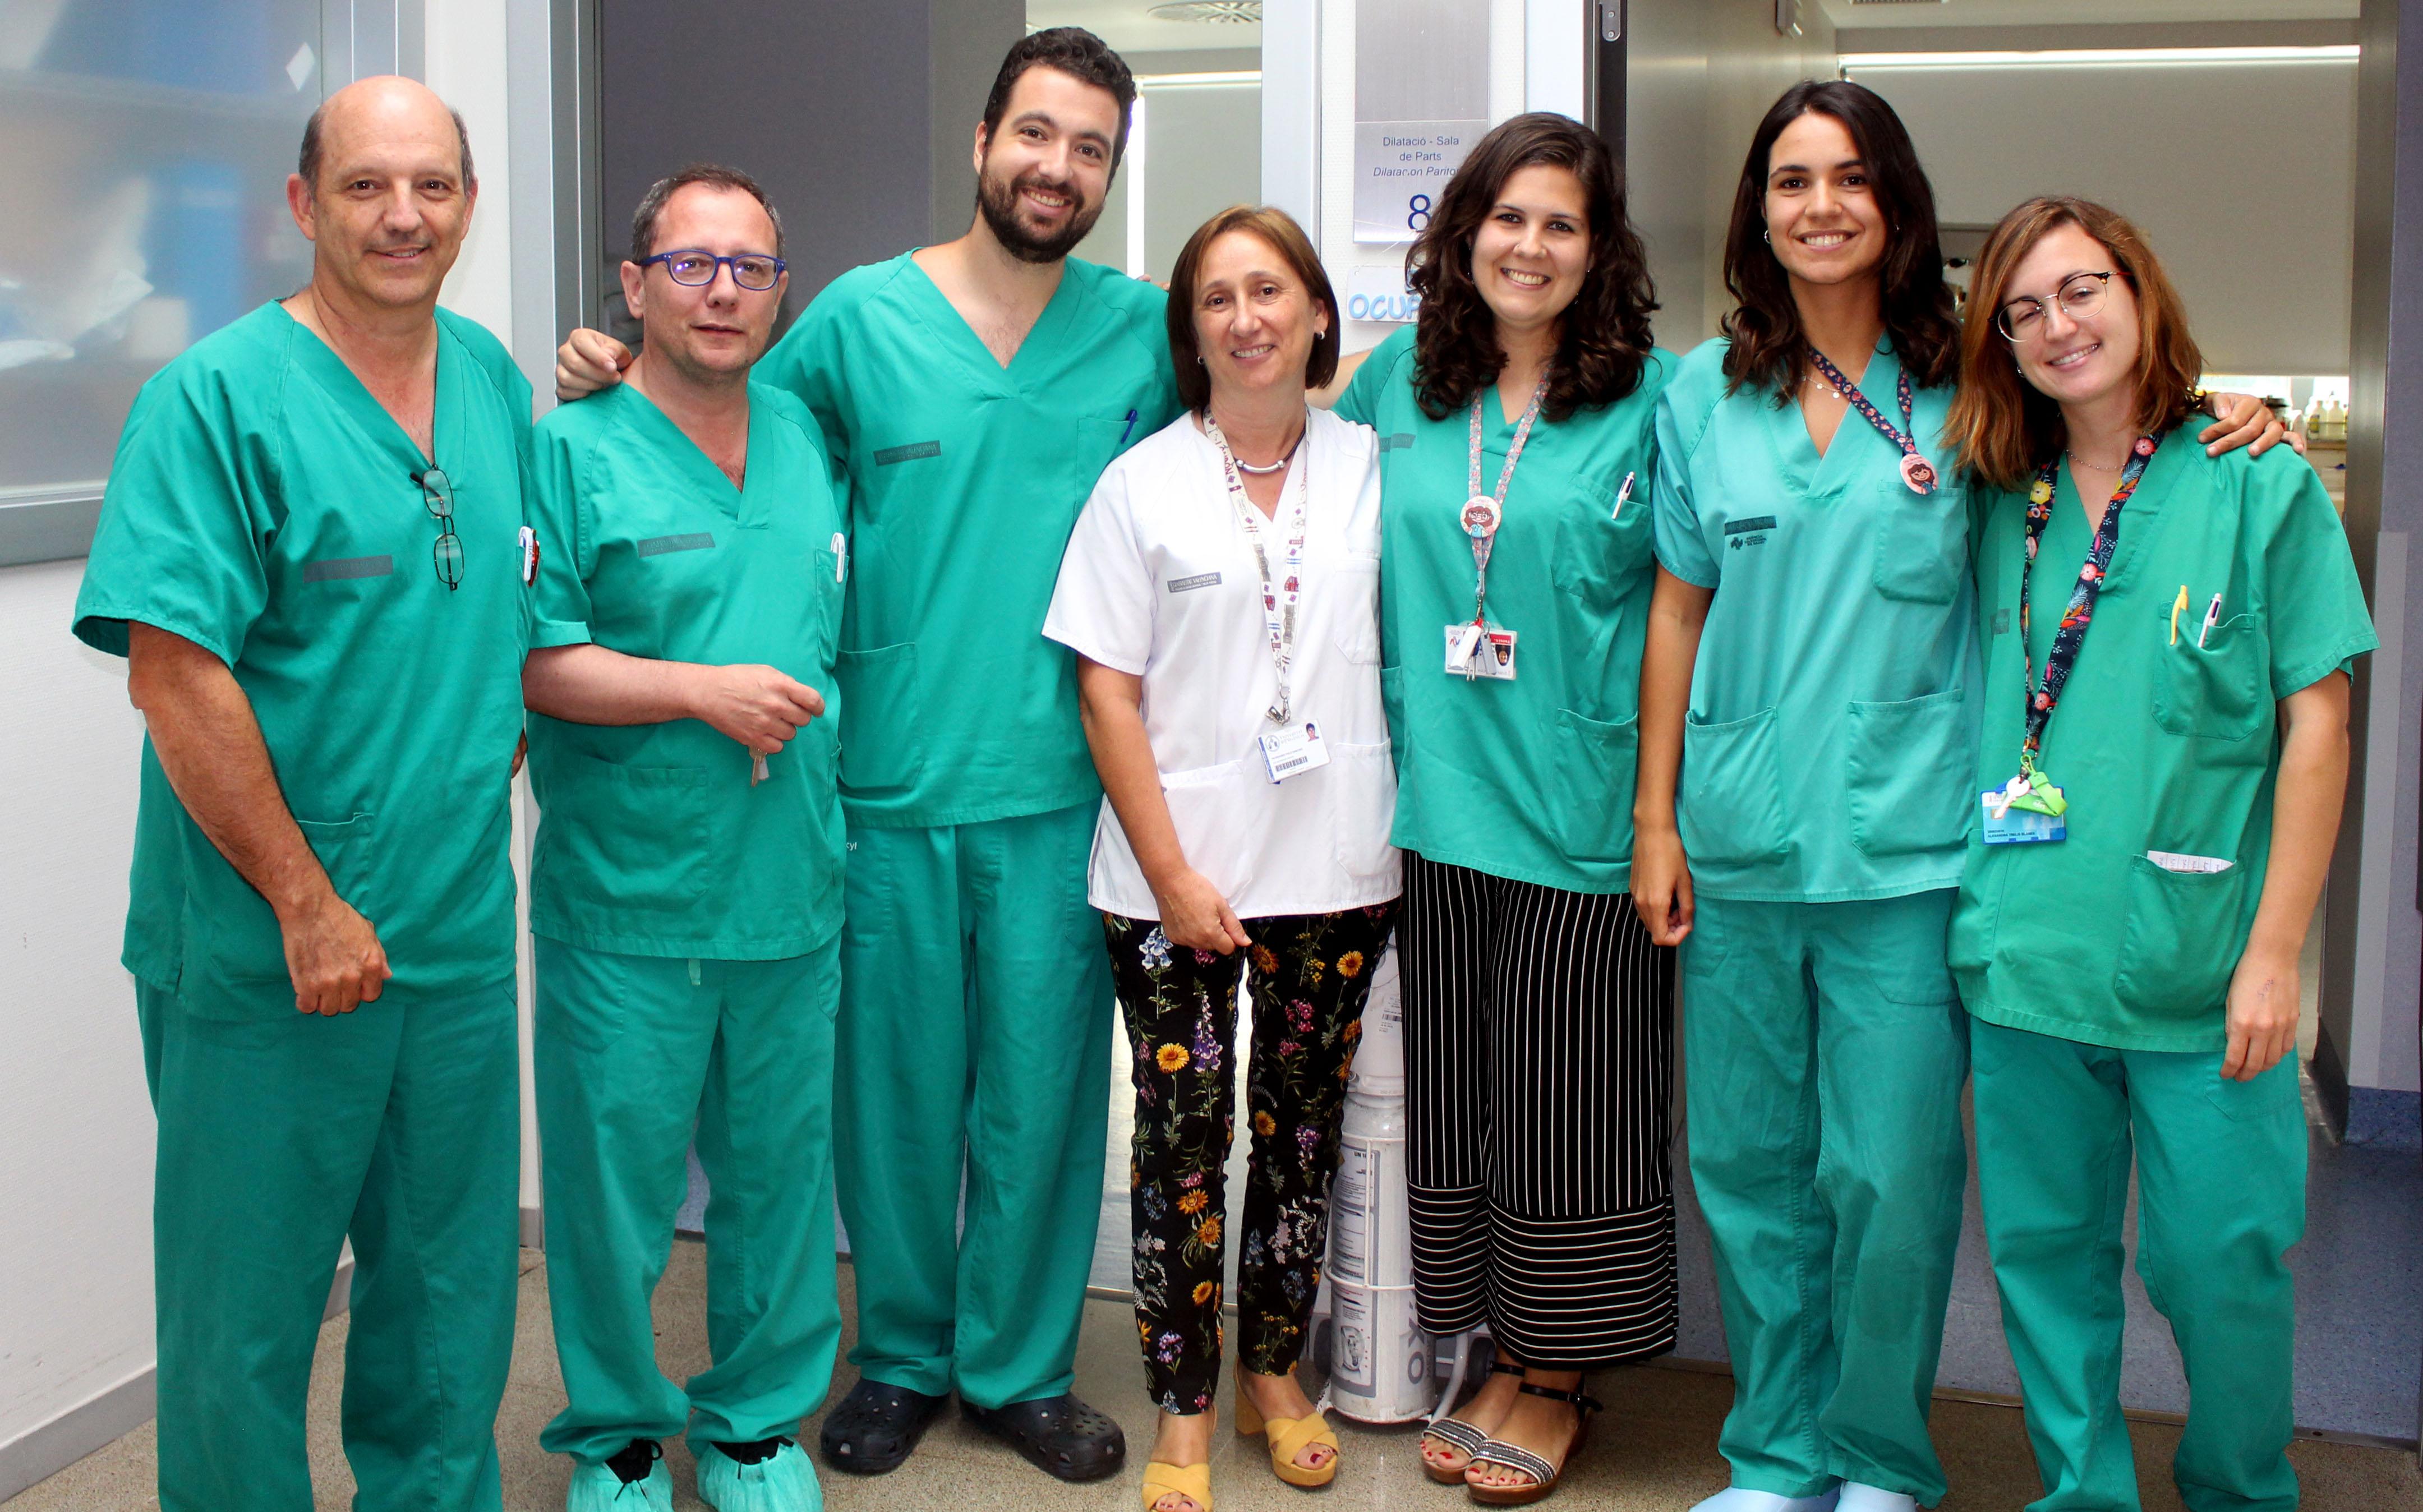 Servicio de Obstetricia y Ginecología del Hospital Universitario y Politécnico de La Fe.